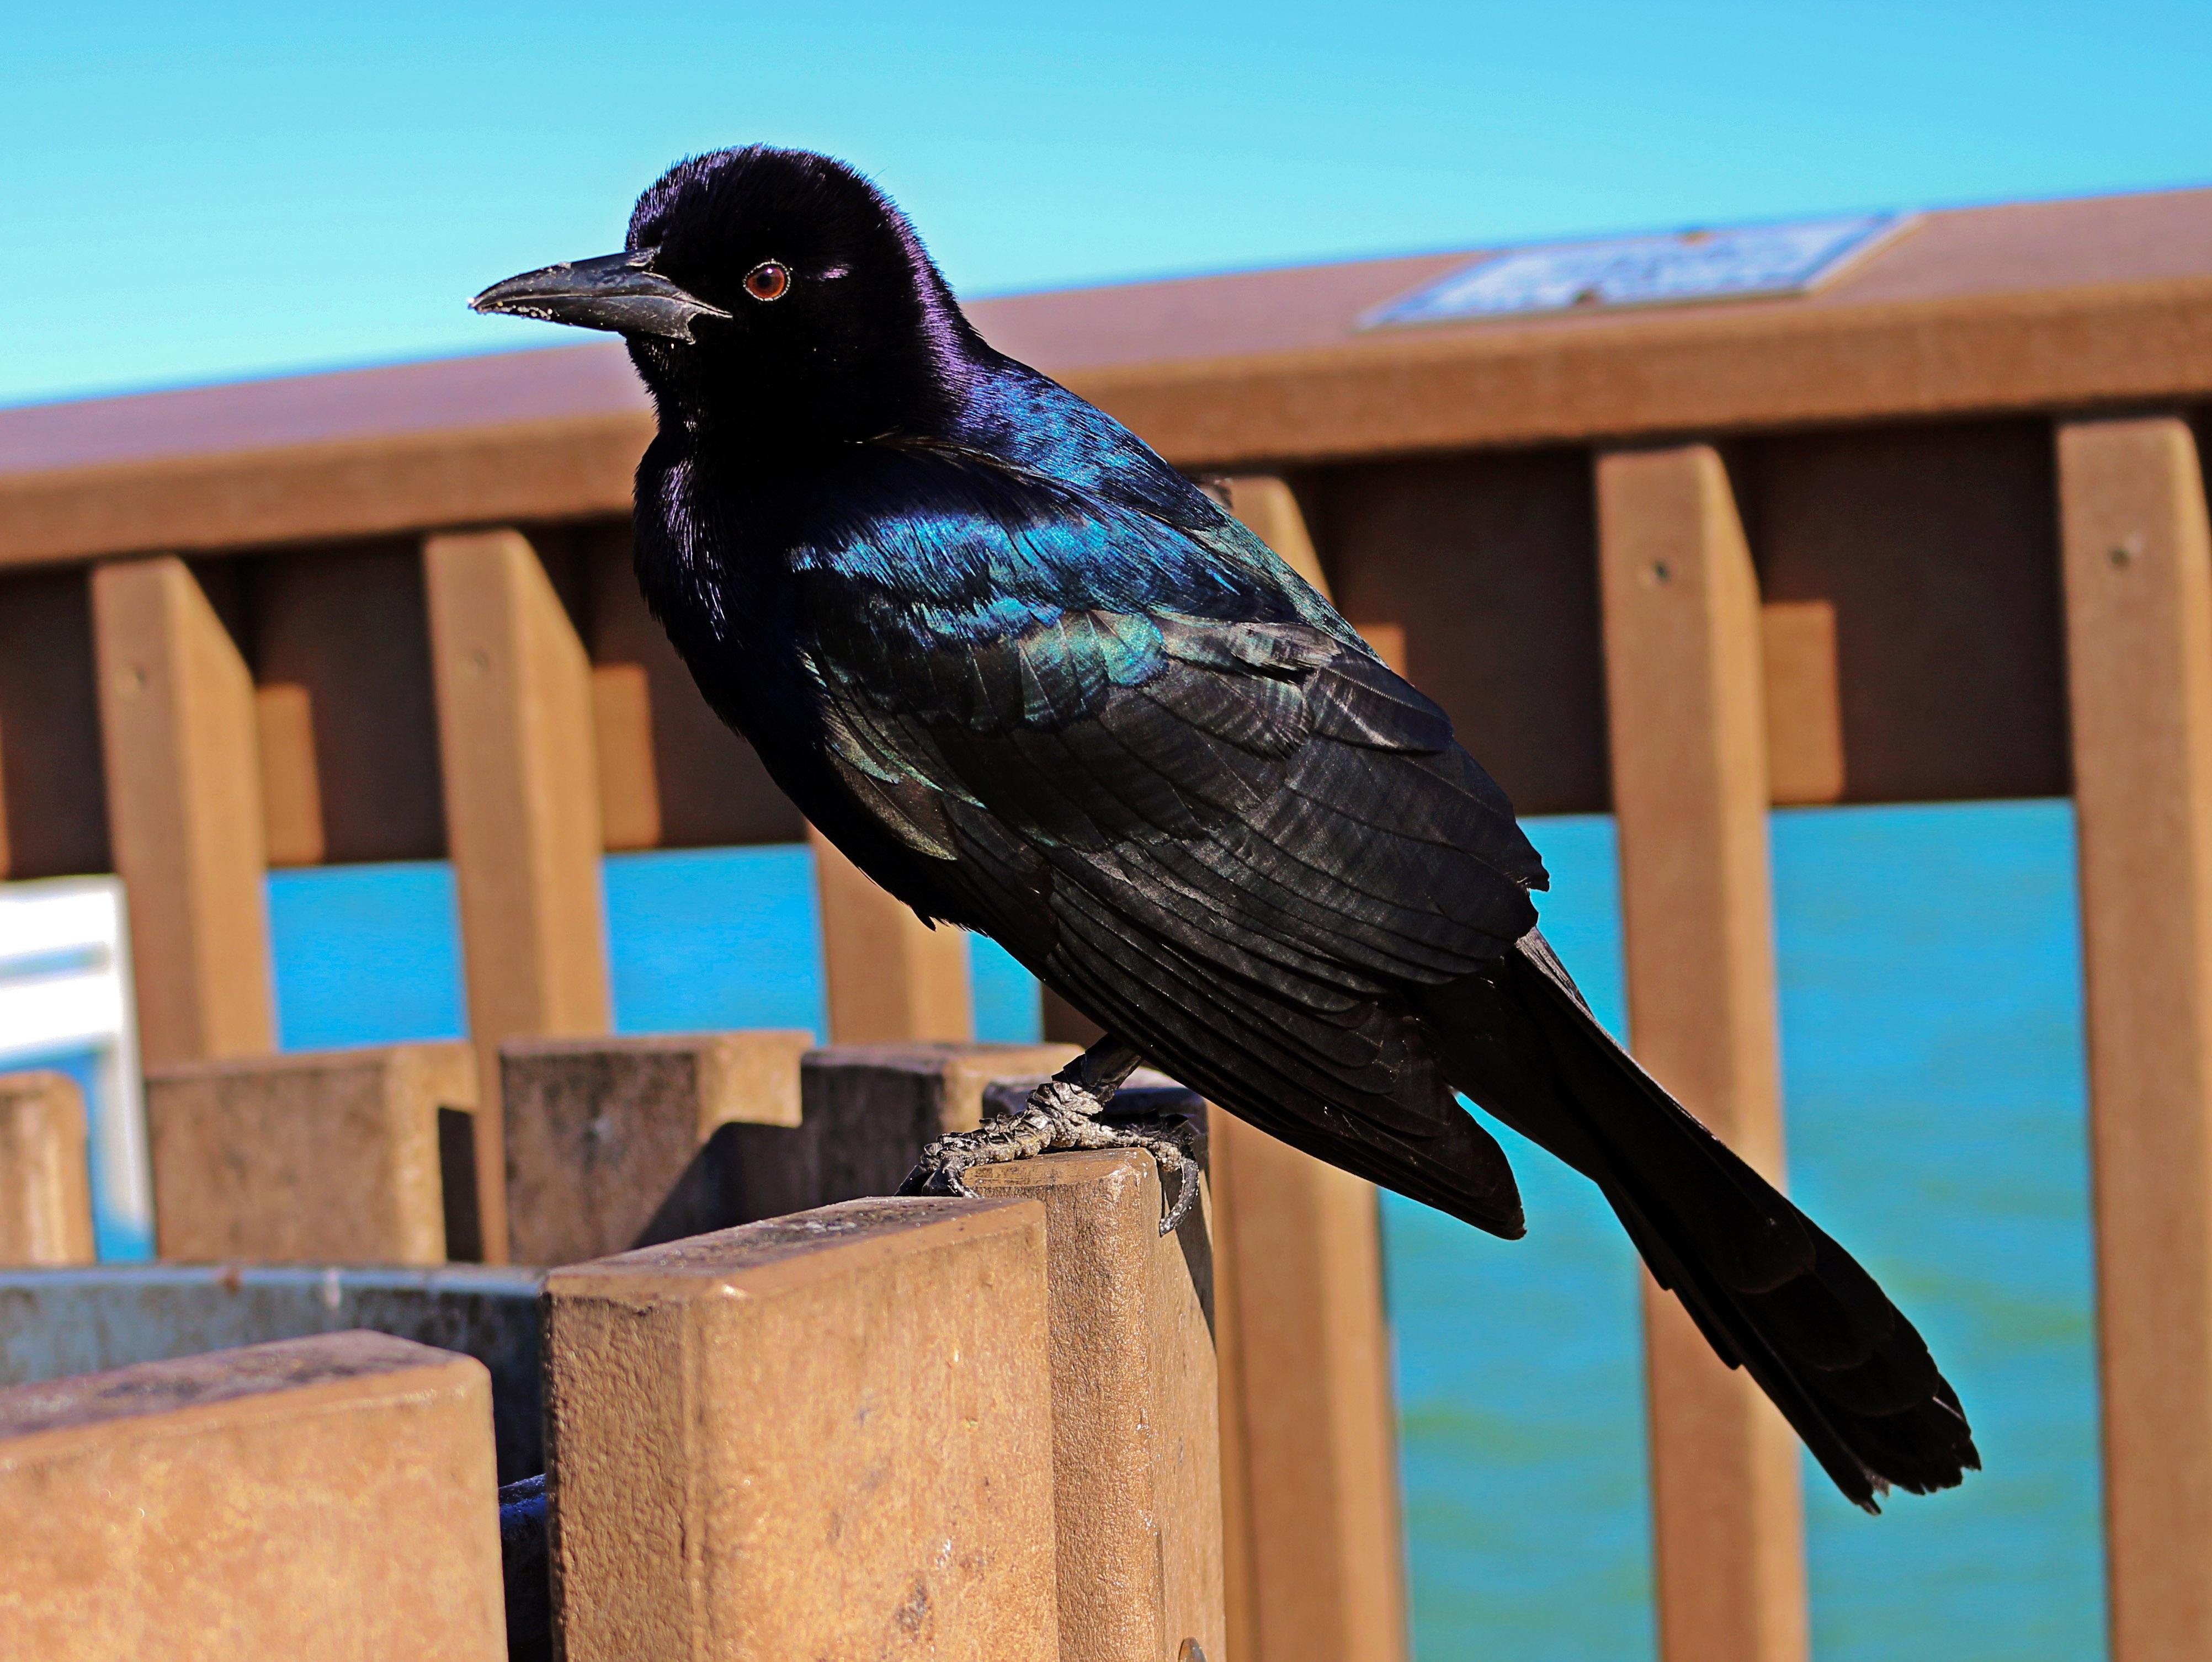 Velký černý pták obrázky ke stažení